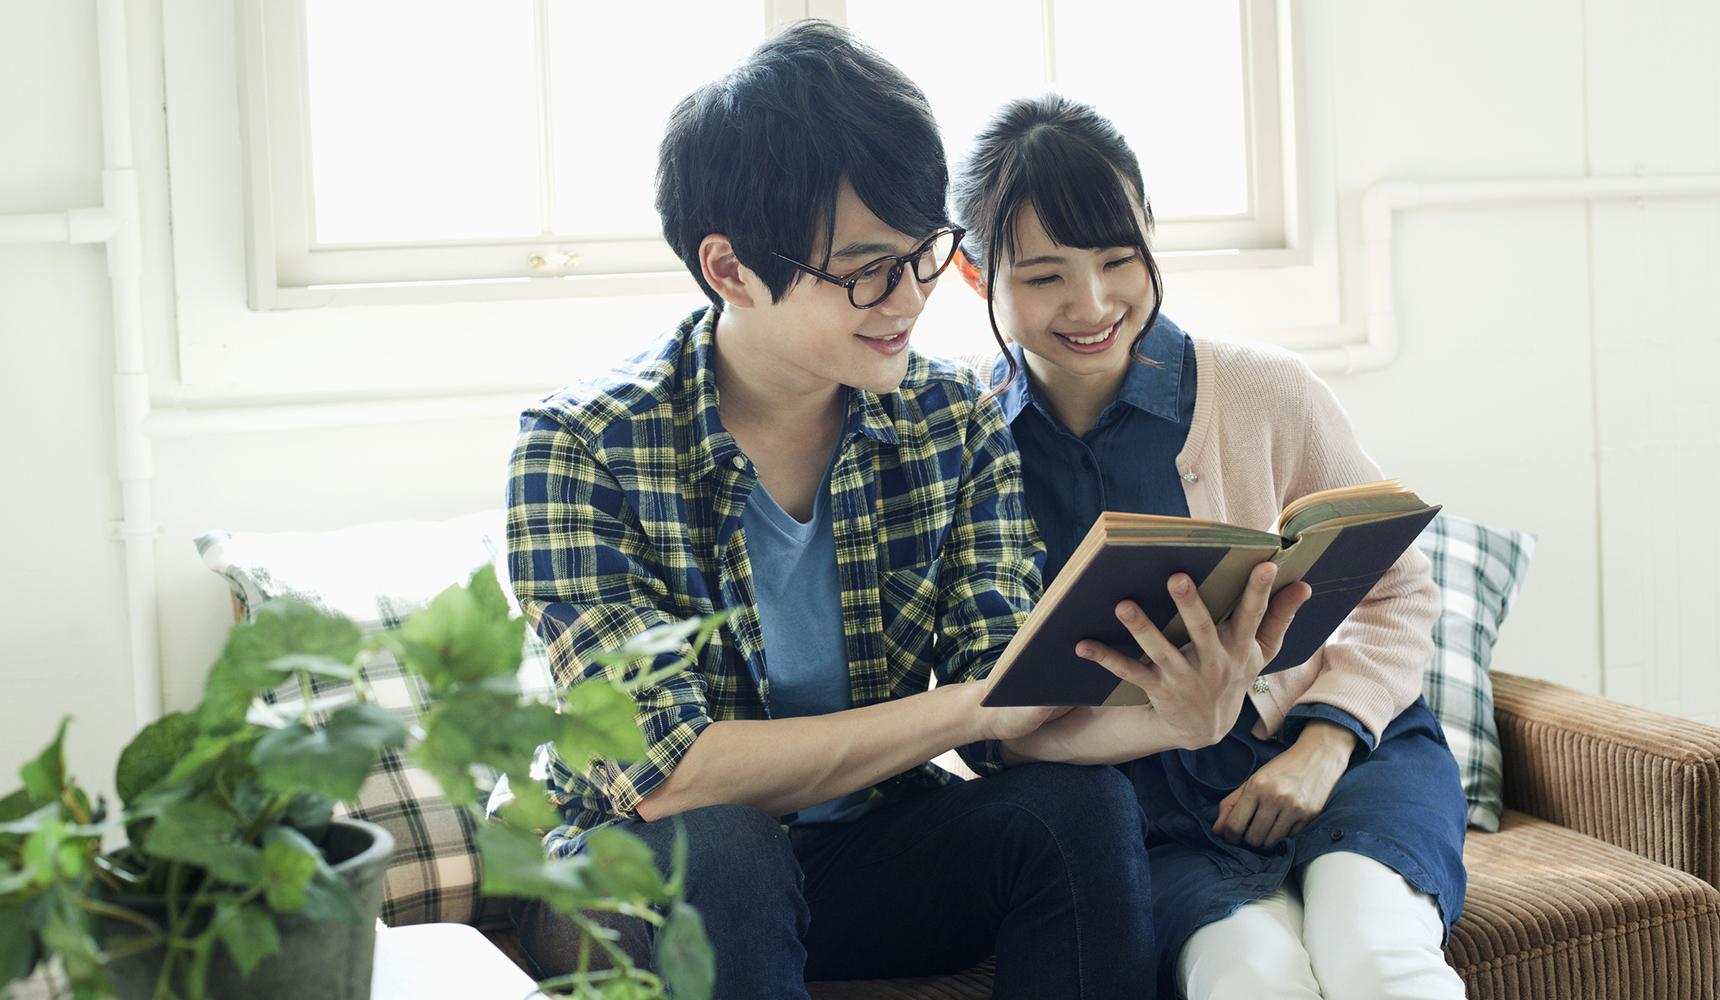 27歳~33歳限定/同年代恋活編恋活応援企画『カジュアルな出会いから始めよう!』